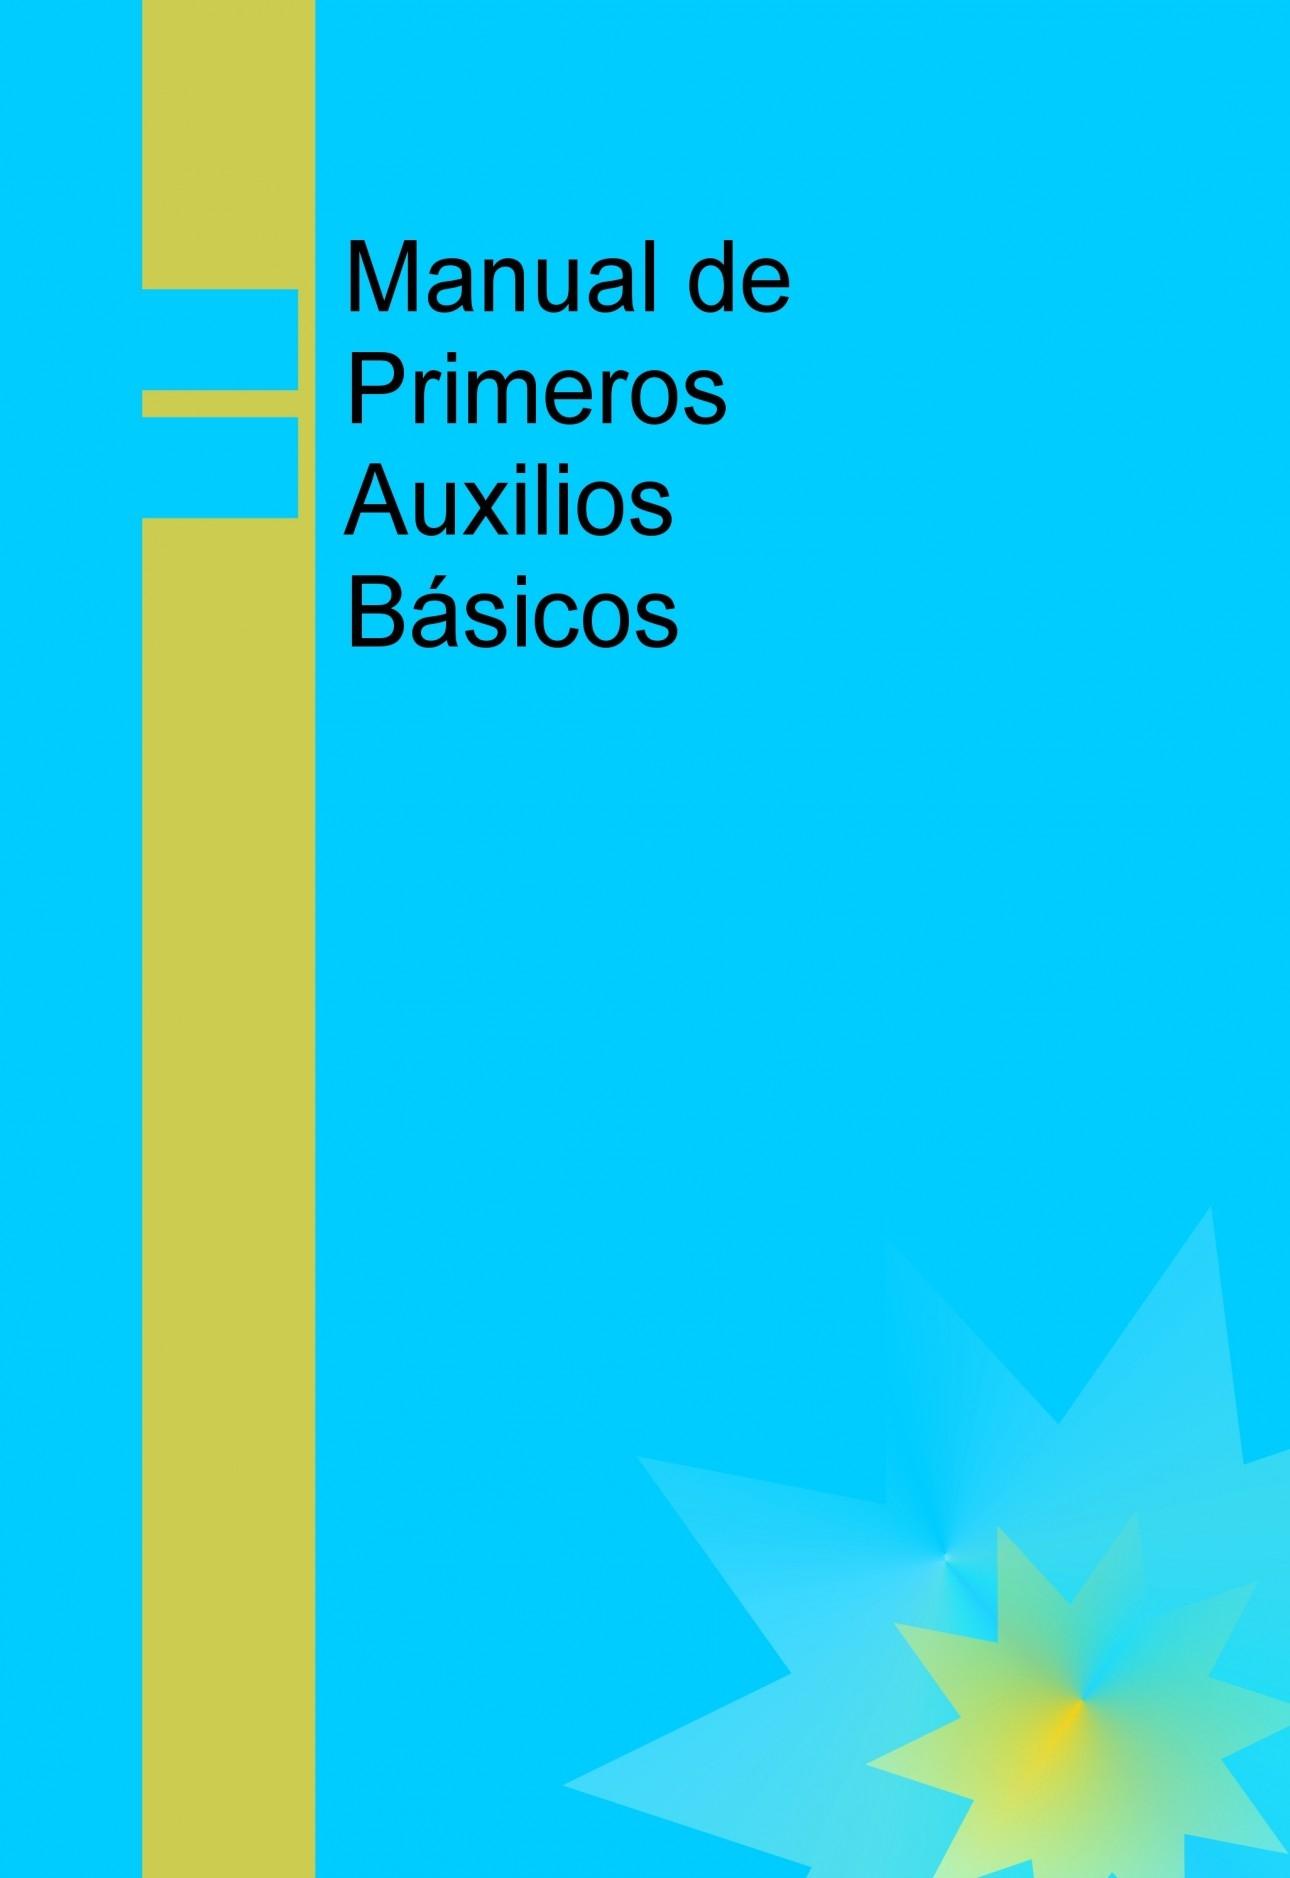 39715abd299 Manual de Primeros Auxilios Básicos